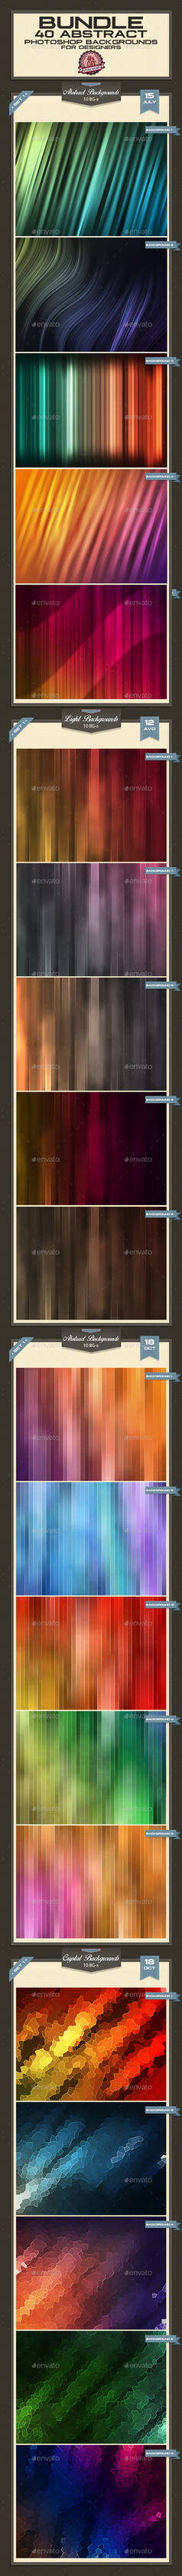 Abstract Photoshop Backgrounds - Bundle